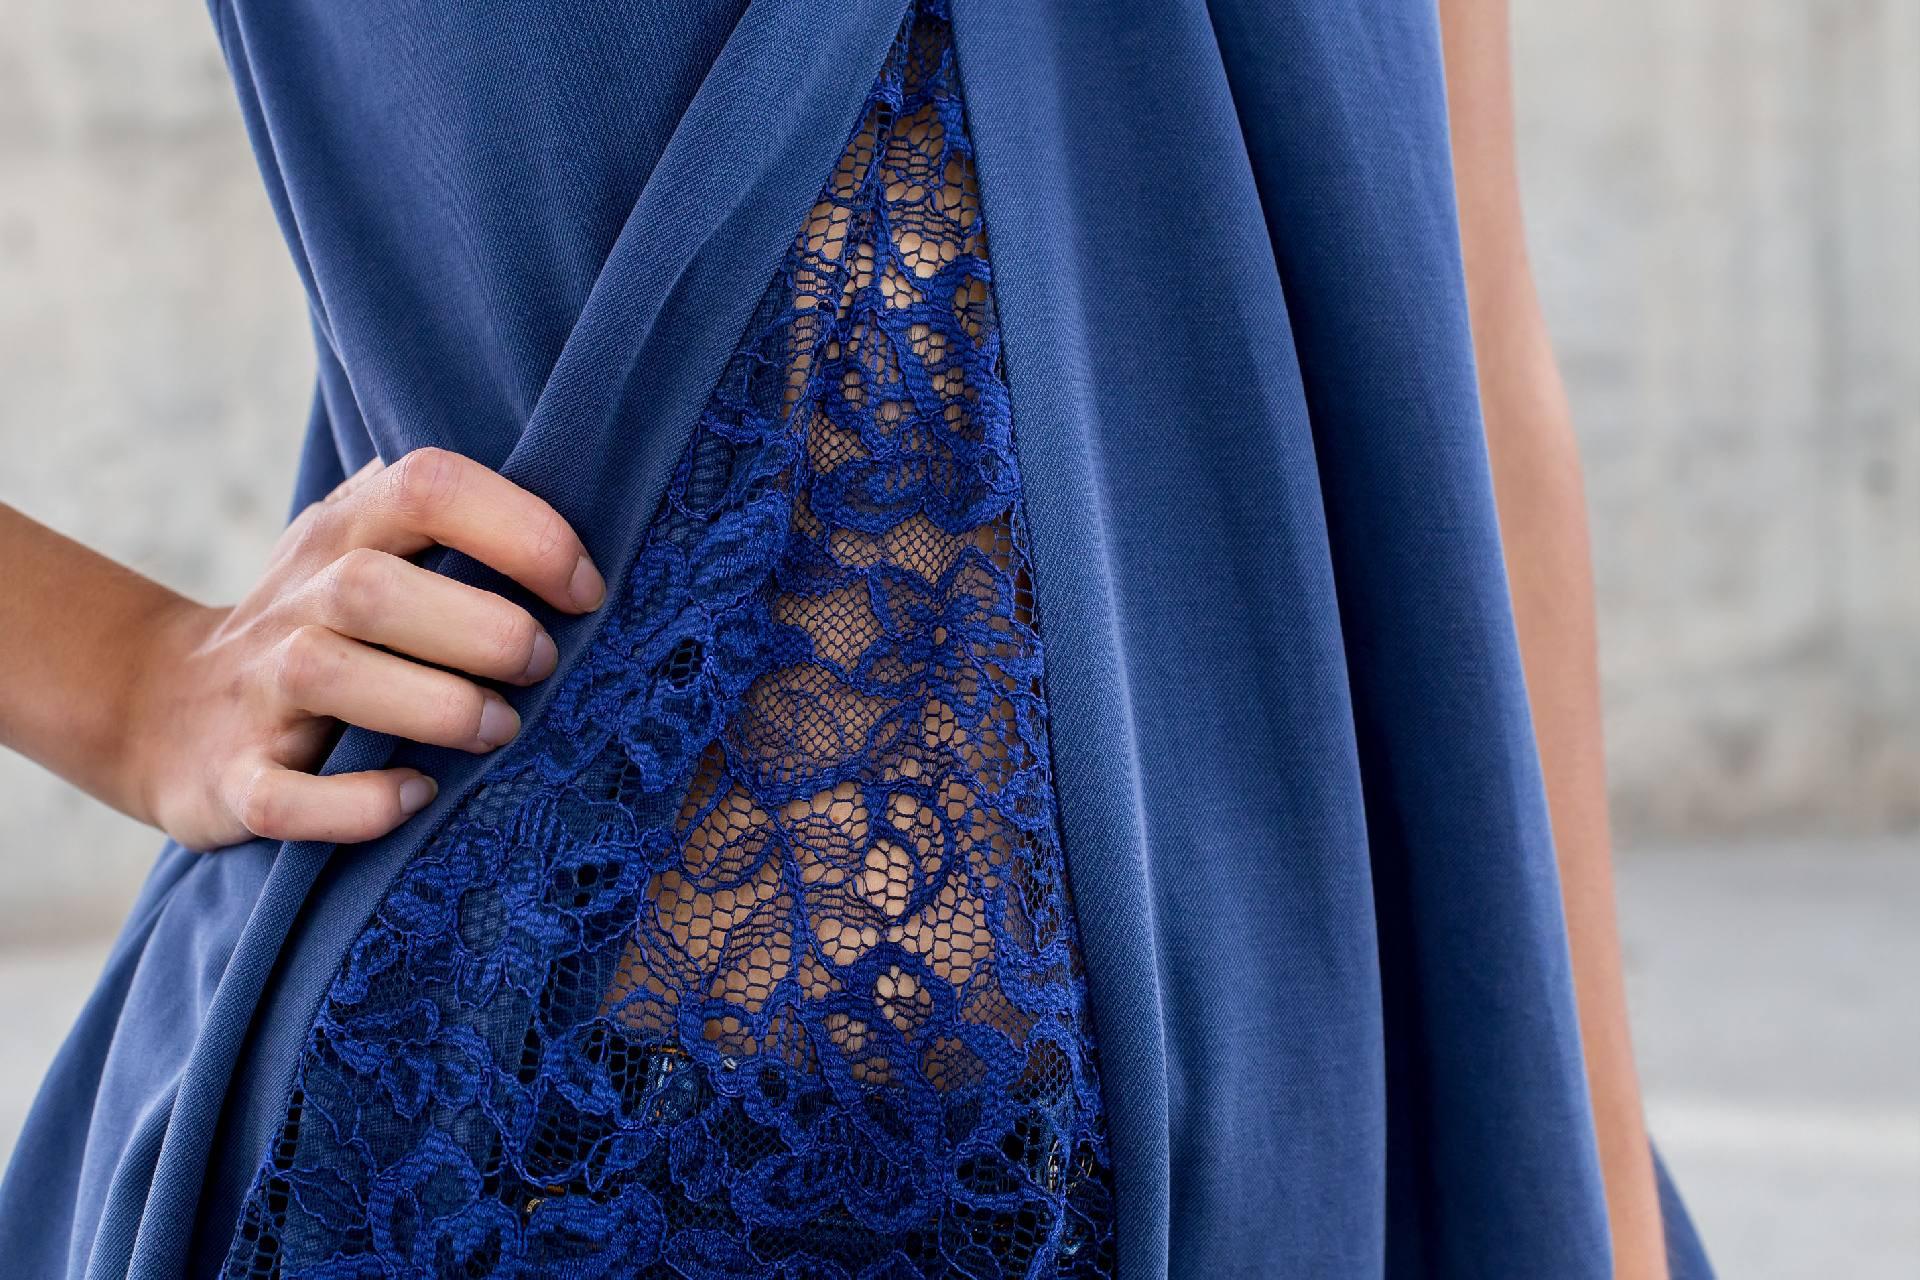 Detalle lateral con encaje azul índigo